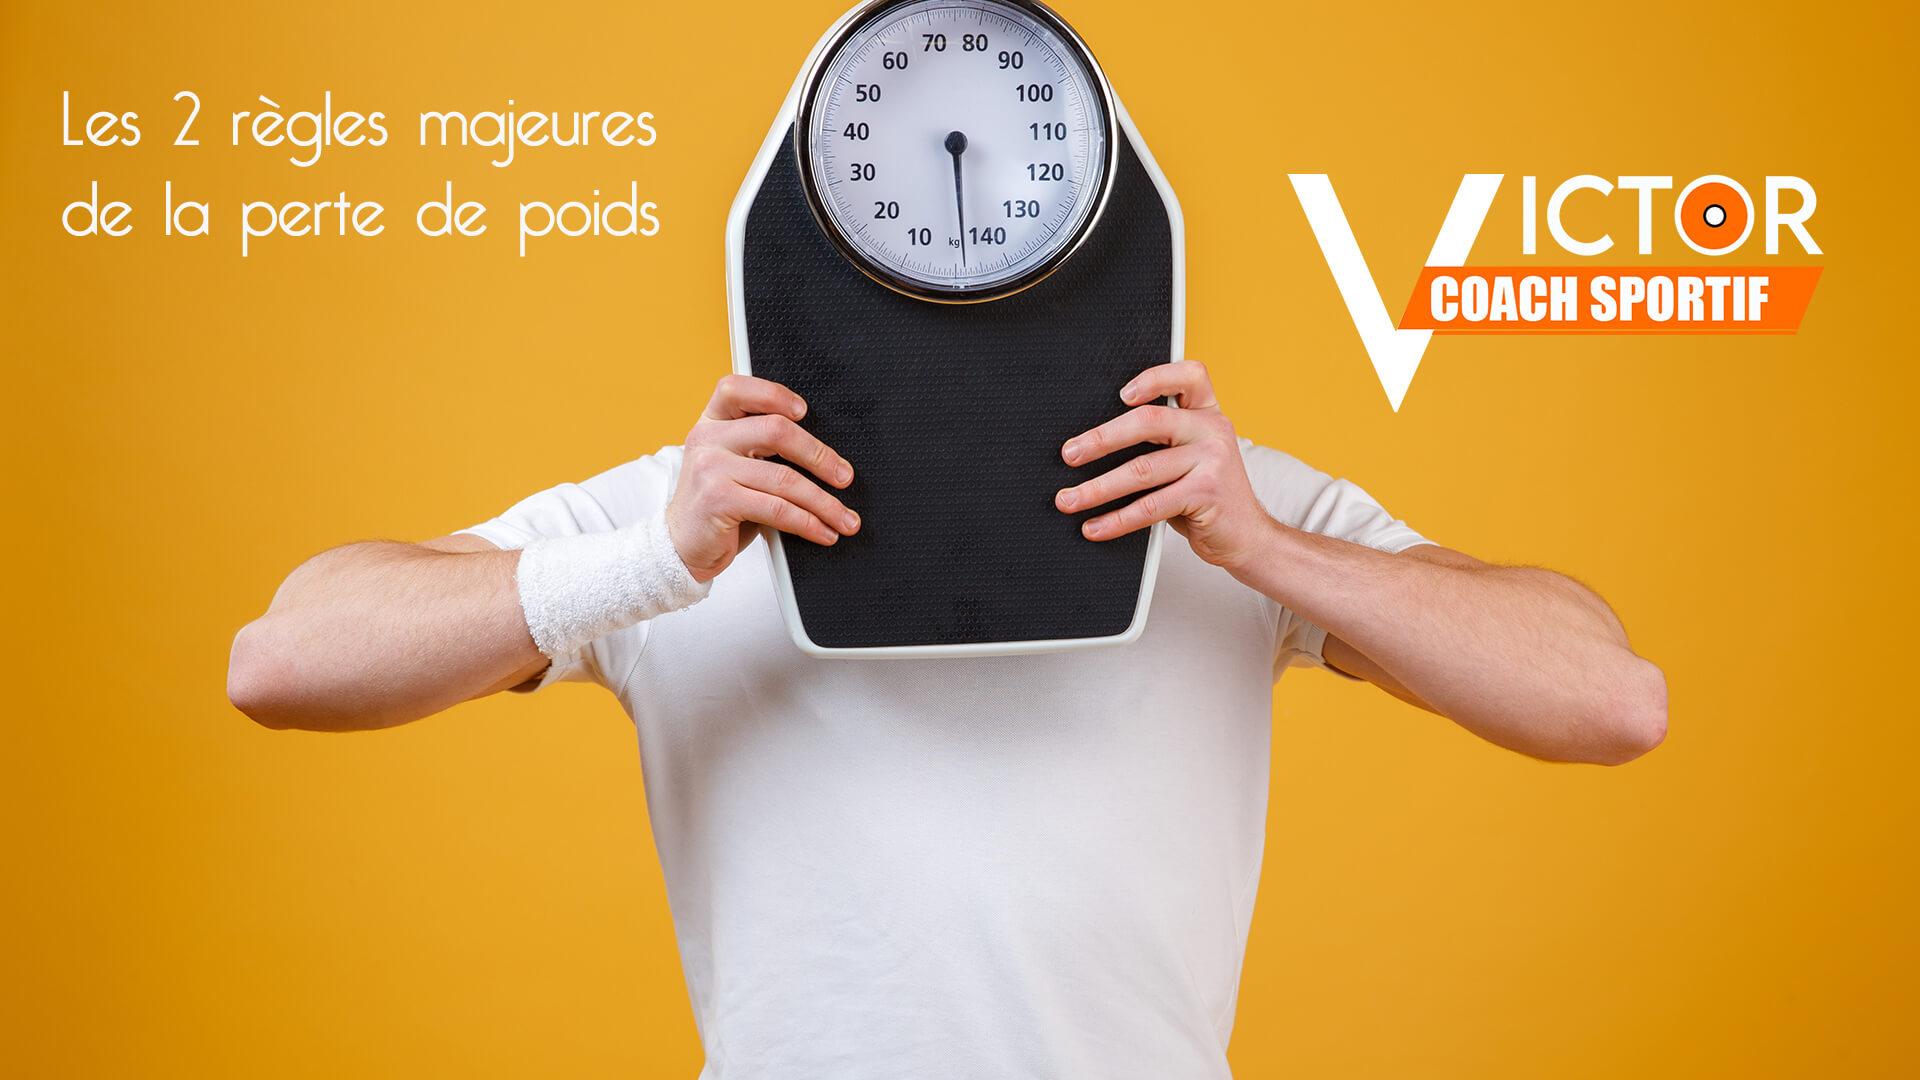 25 jours minceur un saignement peut-il entraîner une perte de poids